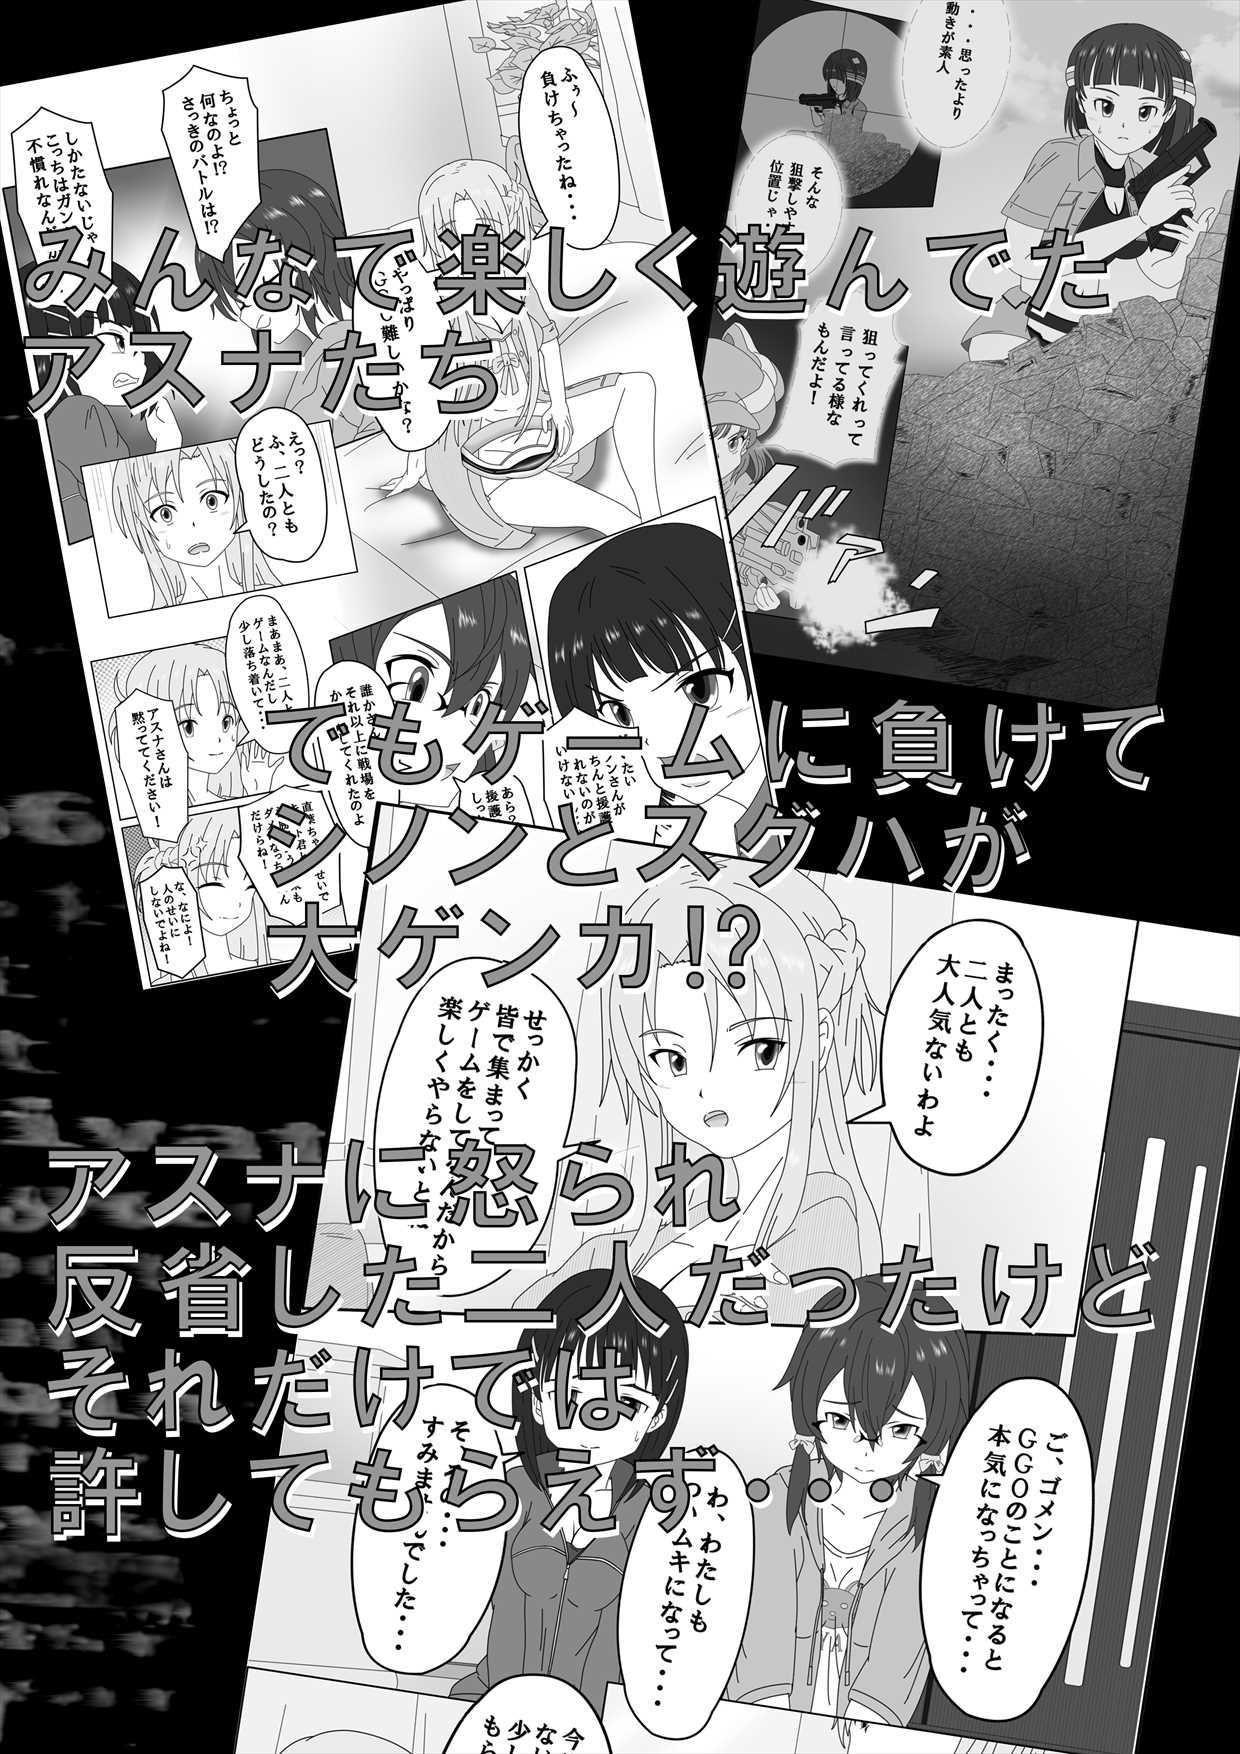 スパンキング・オンライン2(spanking online2)アニメ画像